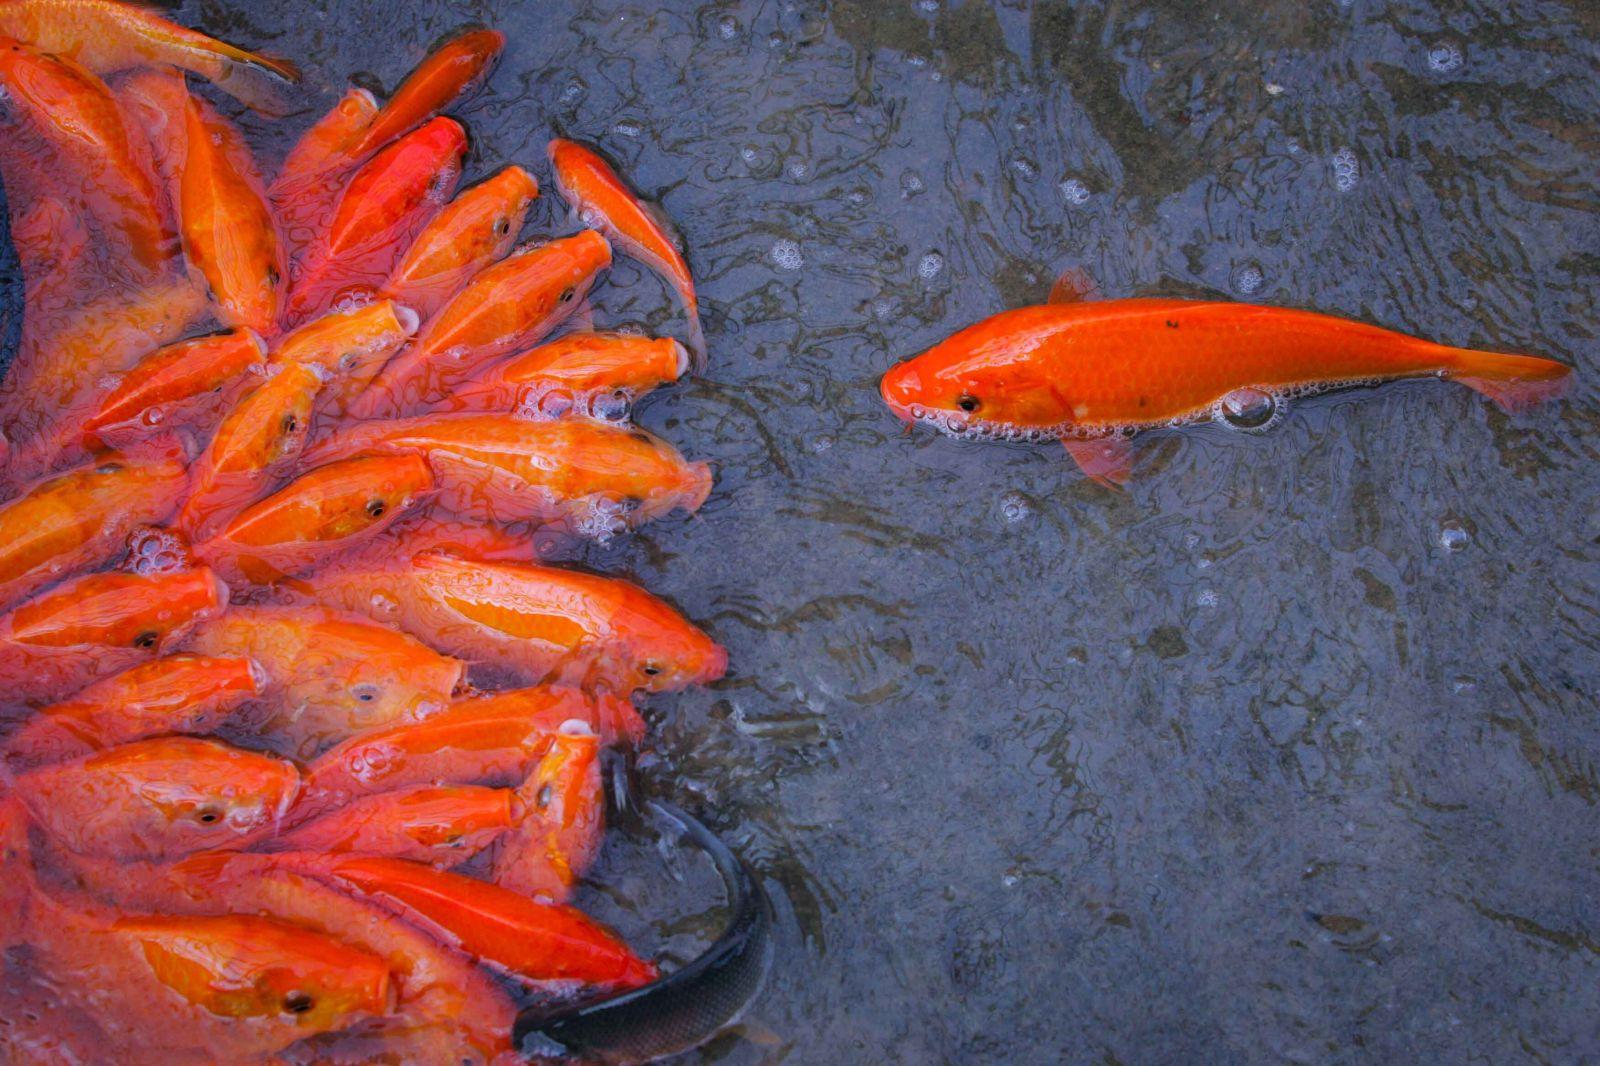 Cá chép đỏ có kích thước khoảng ba ngón tay là đủ điều kiện thu hoạch.